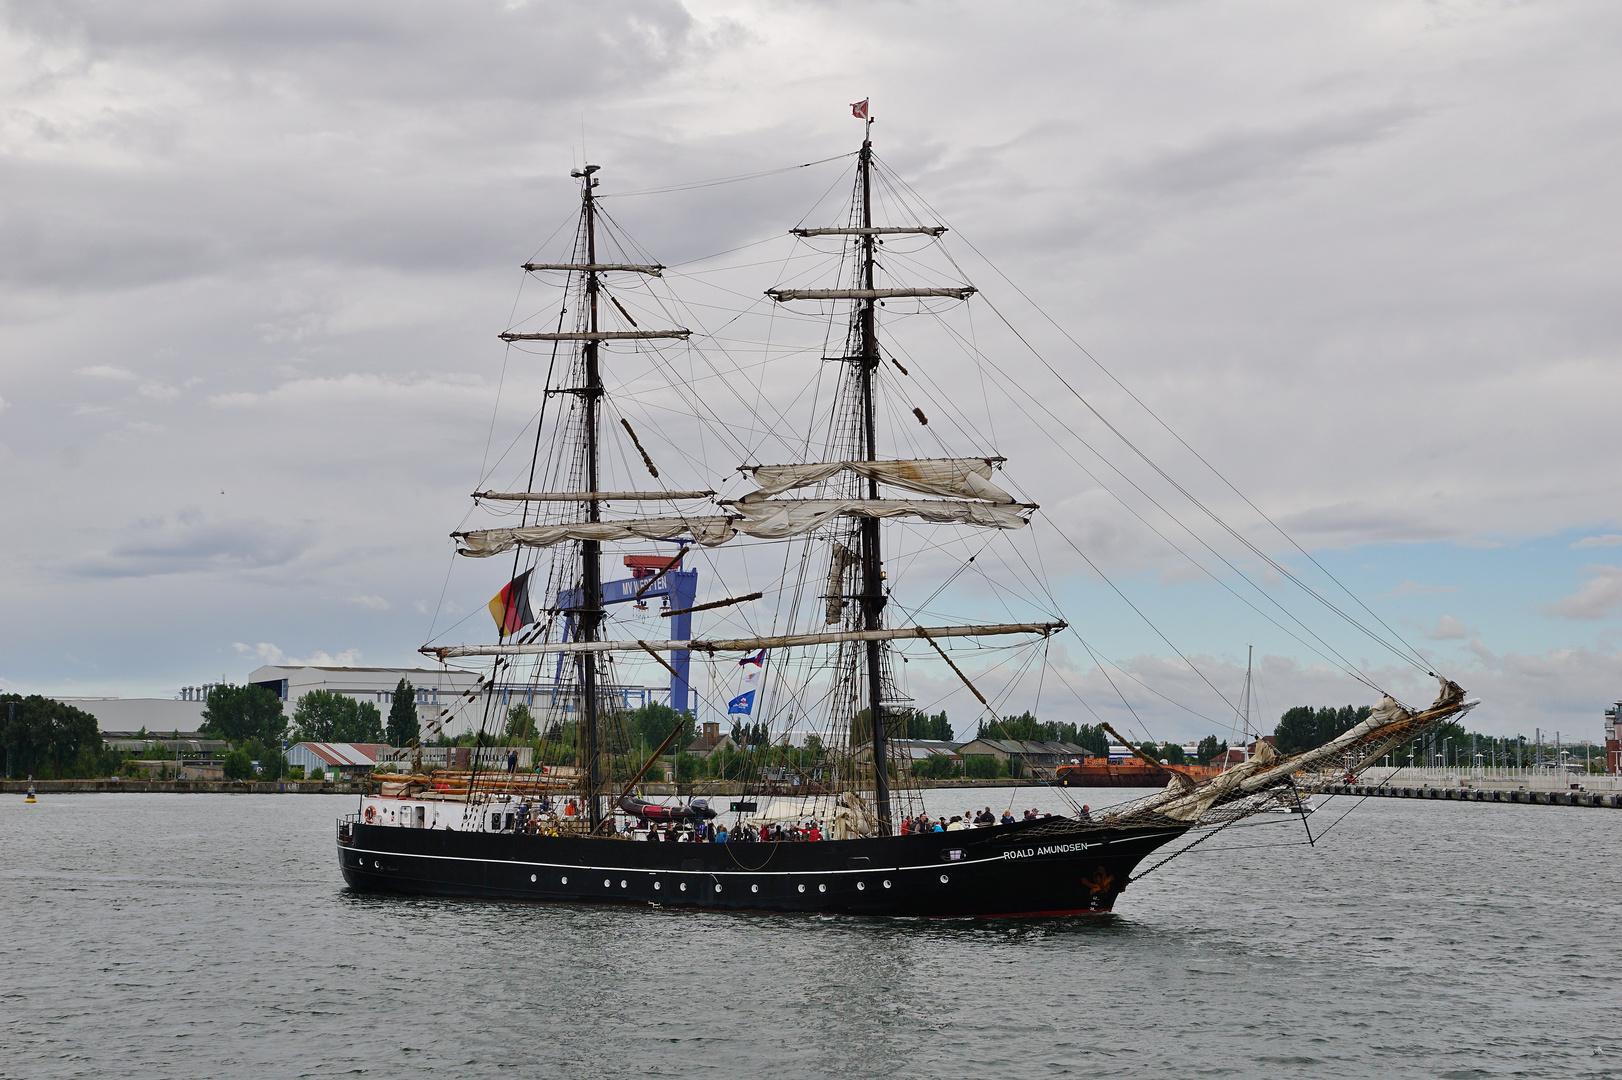 Roald Amundsen in Warnemünde